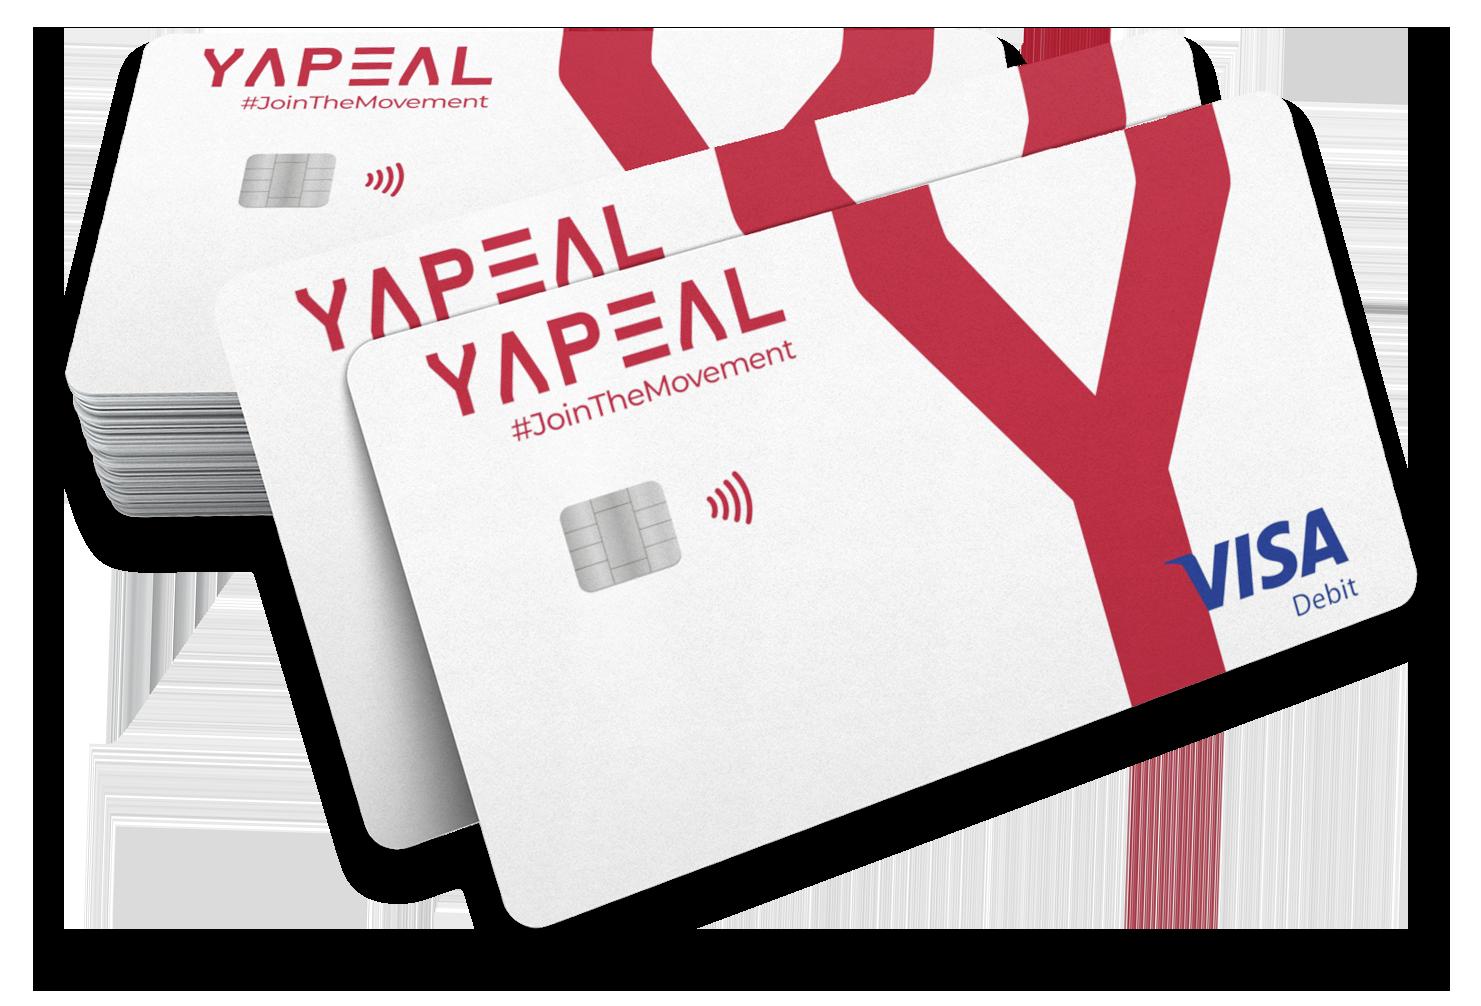 Die erste Schweizer VISA Debit Karte